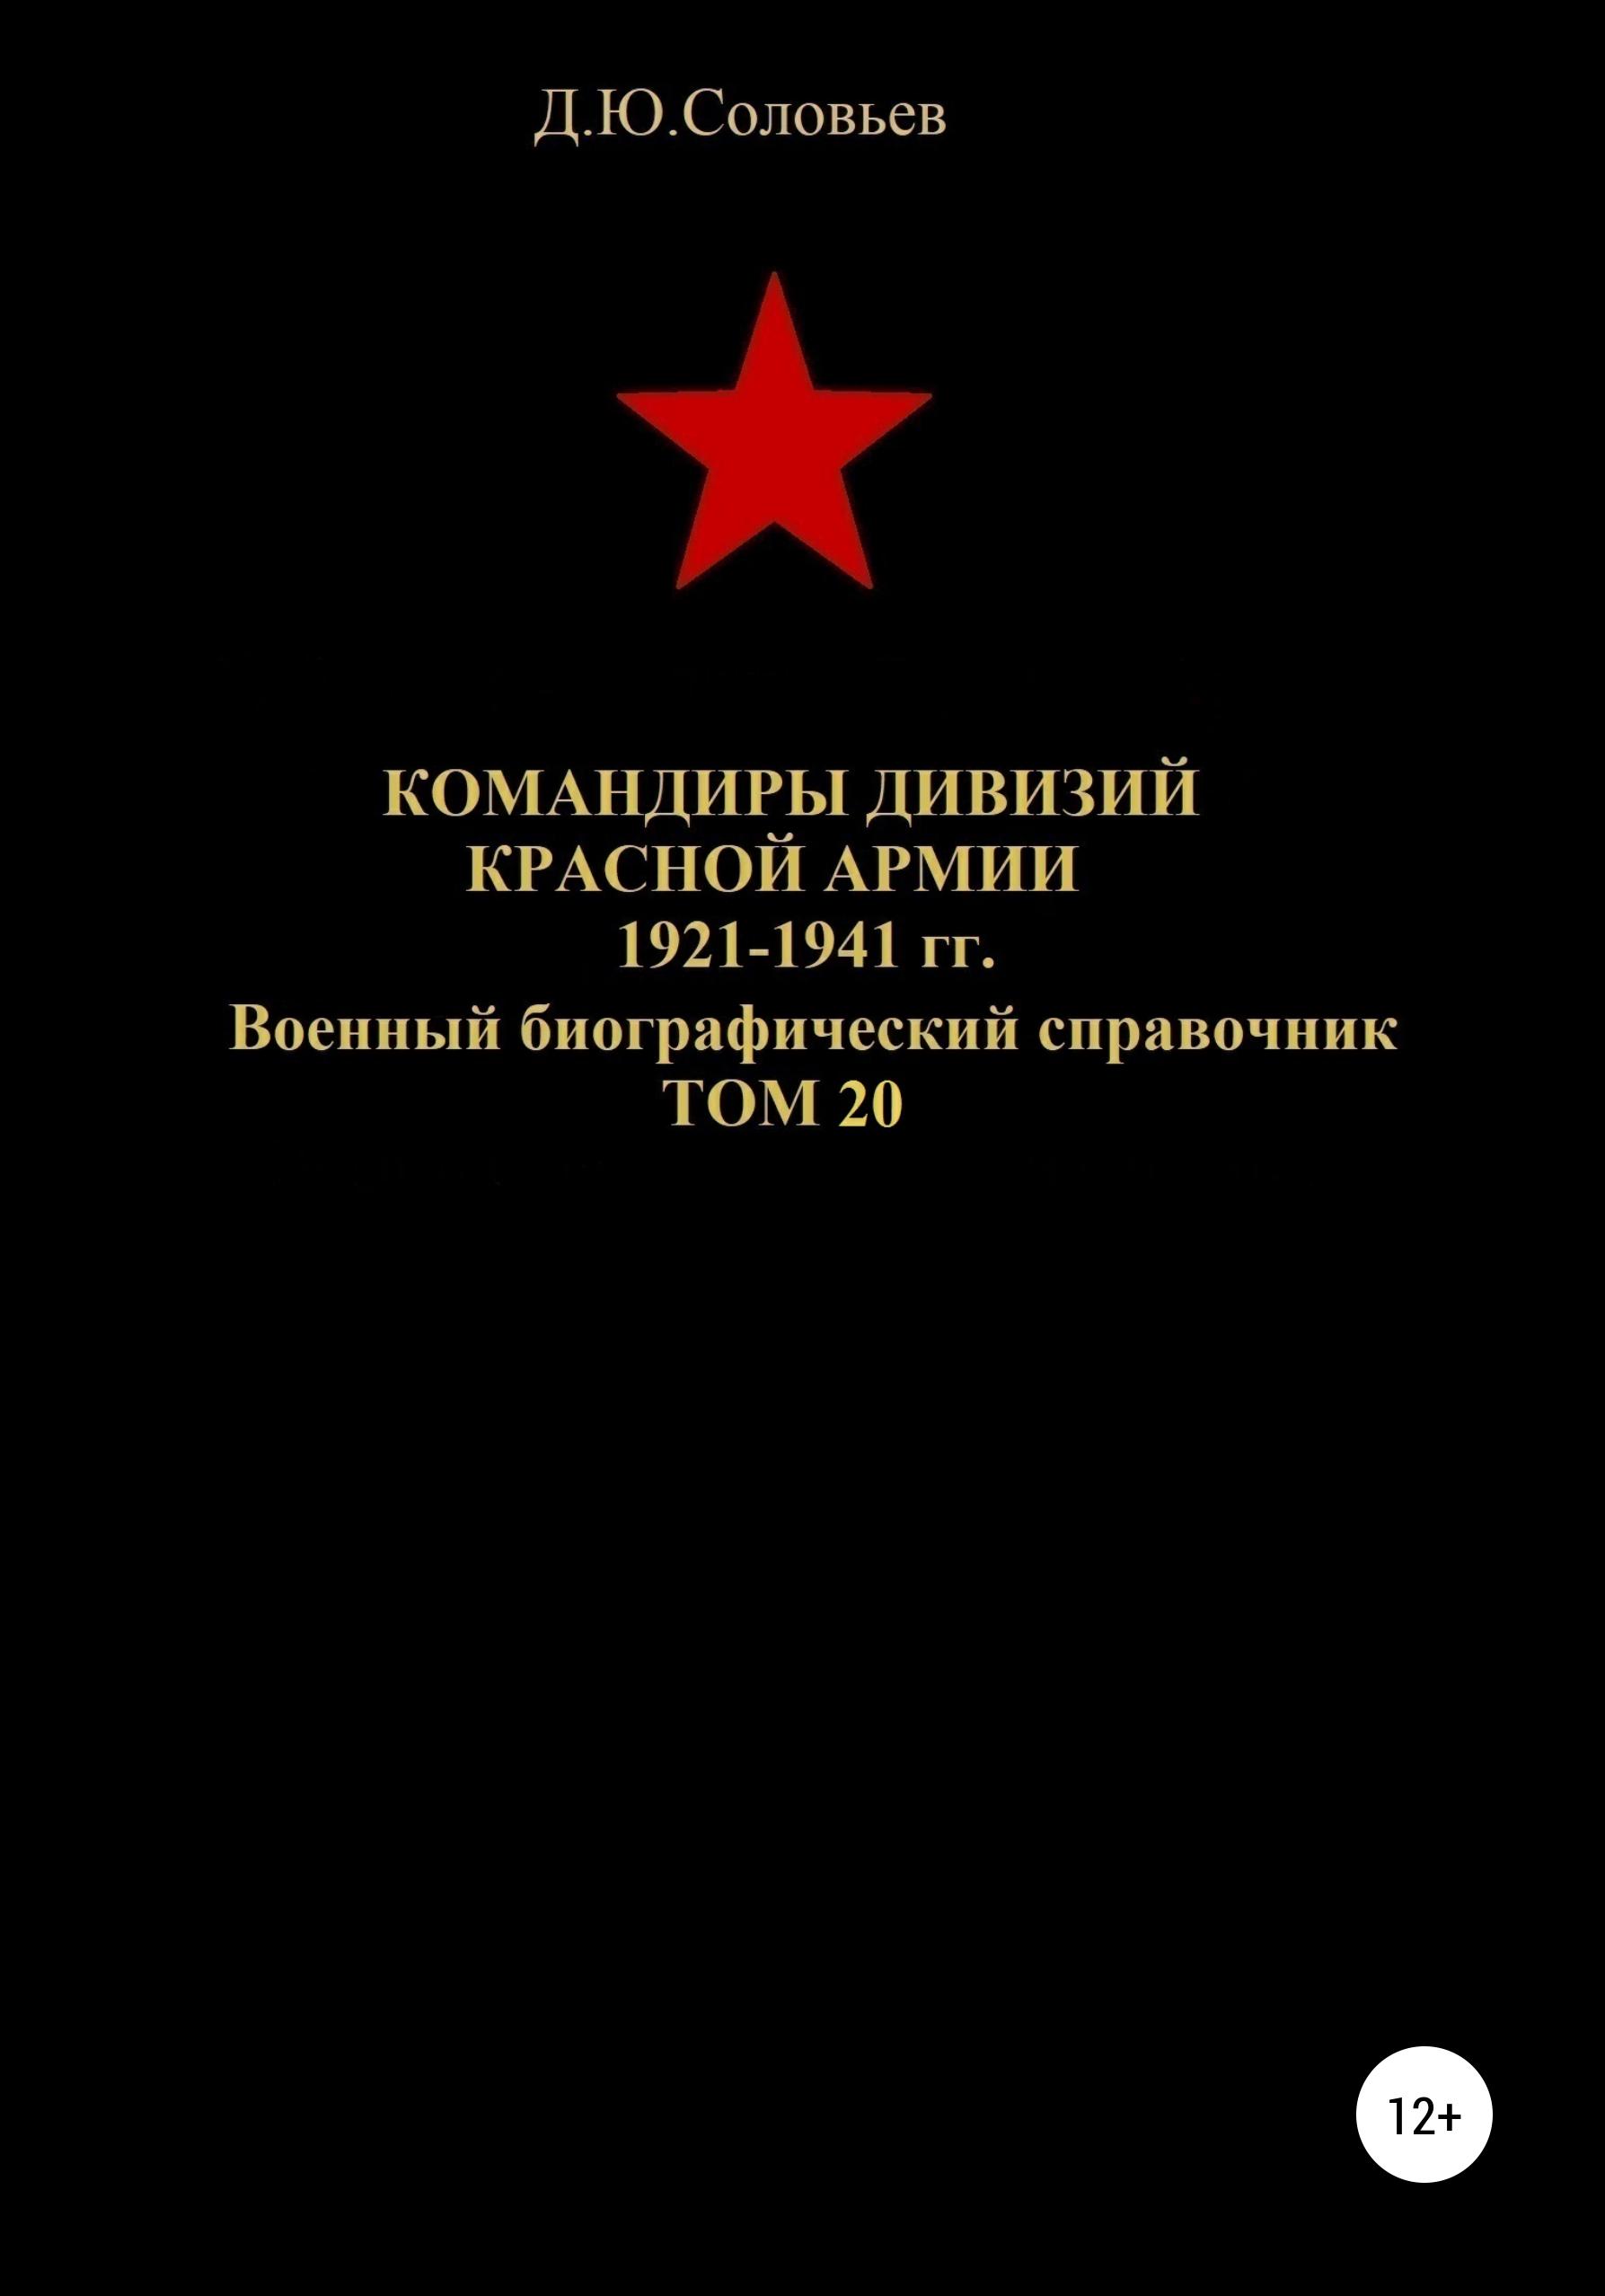 Денис Юрьевич Соловьев Командиры дивизий Красной Армии 1921-1941 гг. Том 20